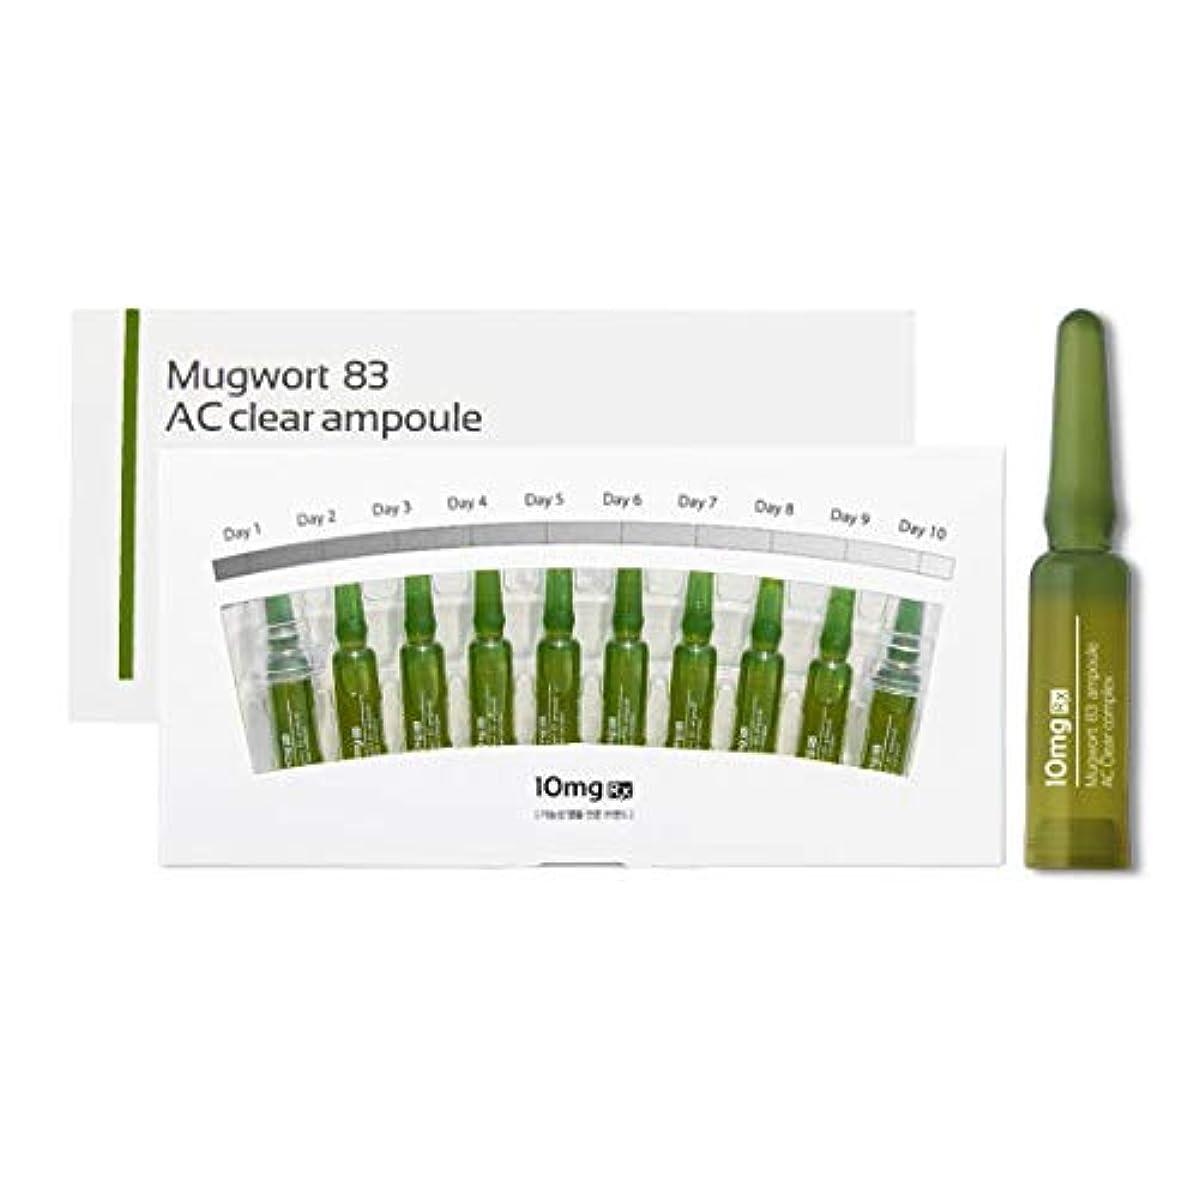 悪夢支援するバングAIDA 10mgRx マグワート83 ACクリアアンプル 2mlx10ea (皮脂コントロール、傷みにくい)/ Mugwort 83 AC Clear Ampoule